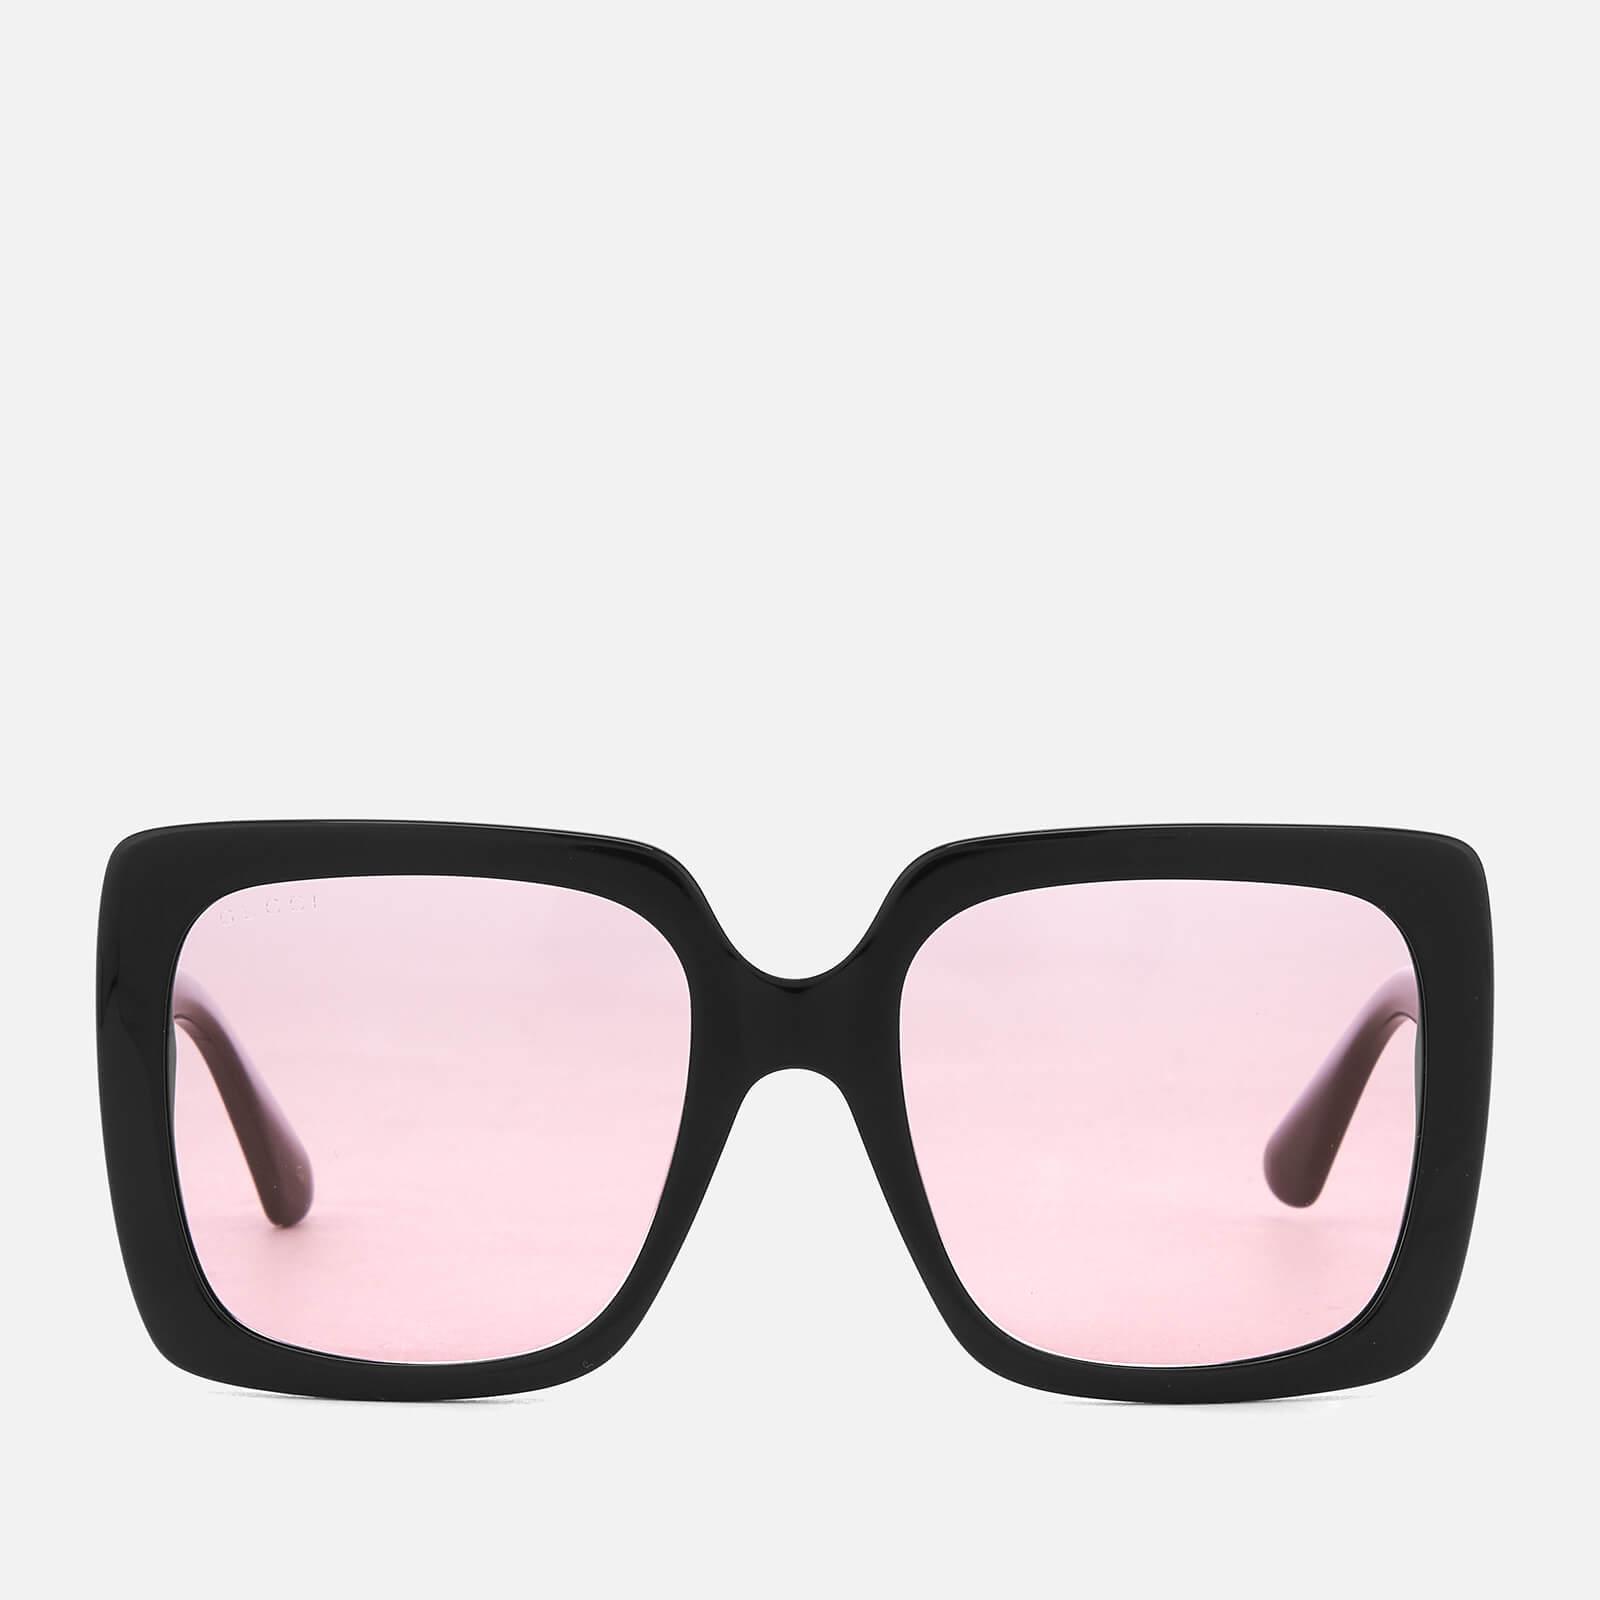 36e0da249fe Gucci Women s Square Frame Acetate Sunglasses - Black Pink - Free UK  Delivery over £50